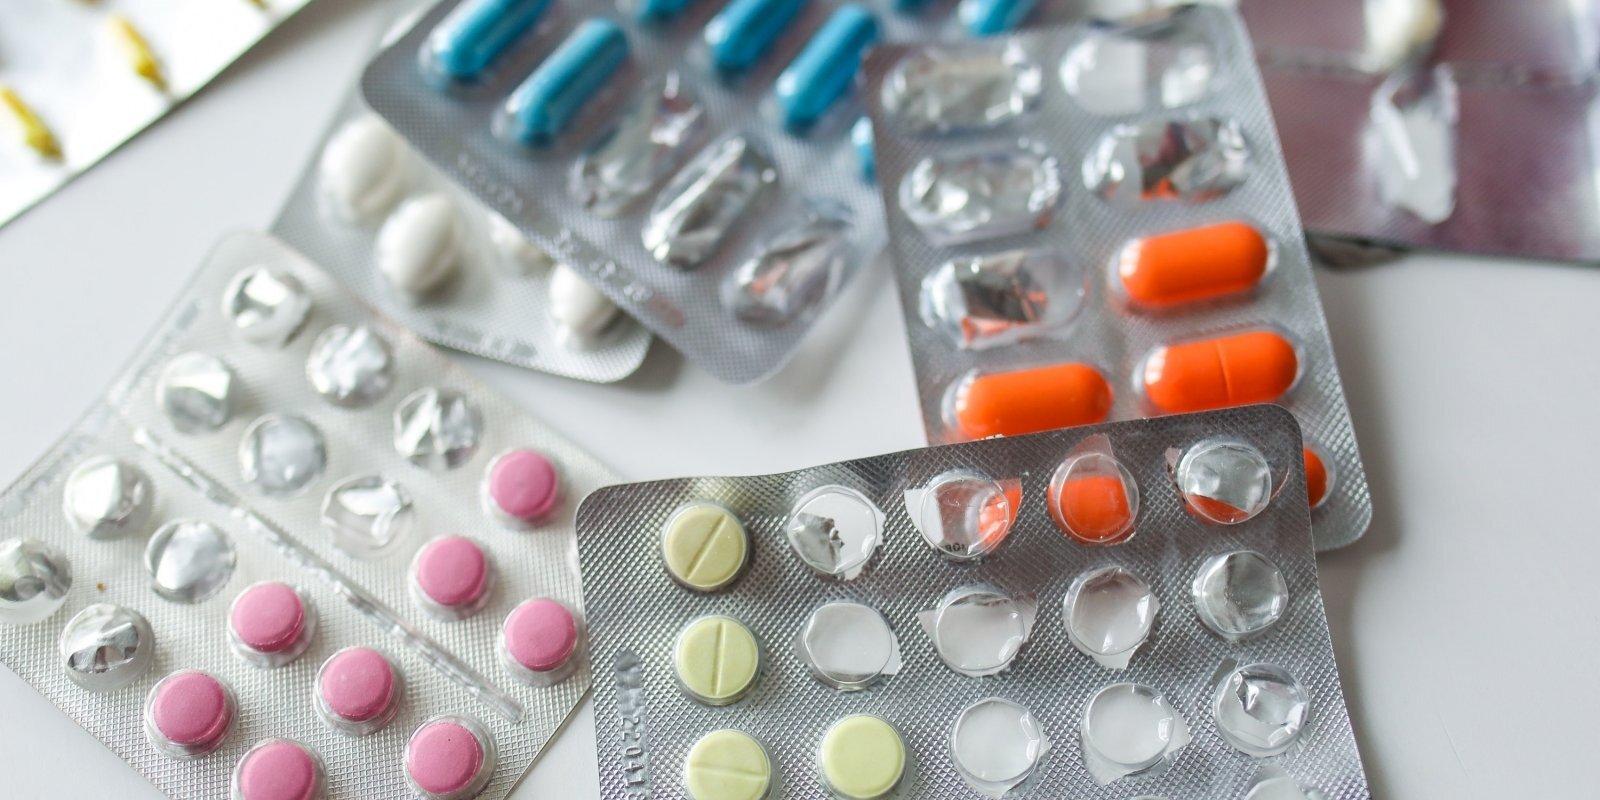 Таблетки не помогут? Почему в Европе возник дефицит лекарств